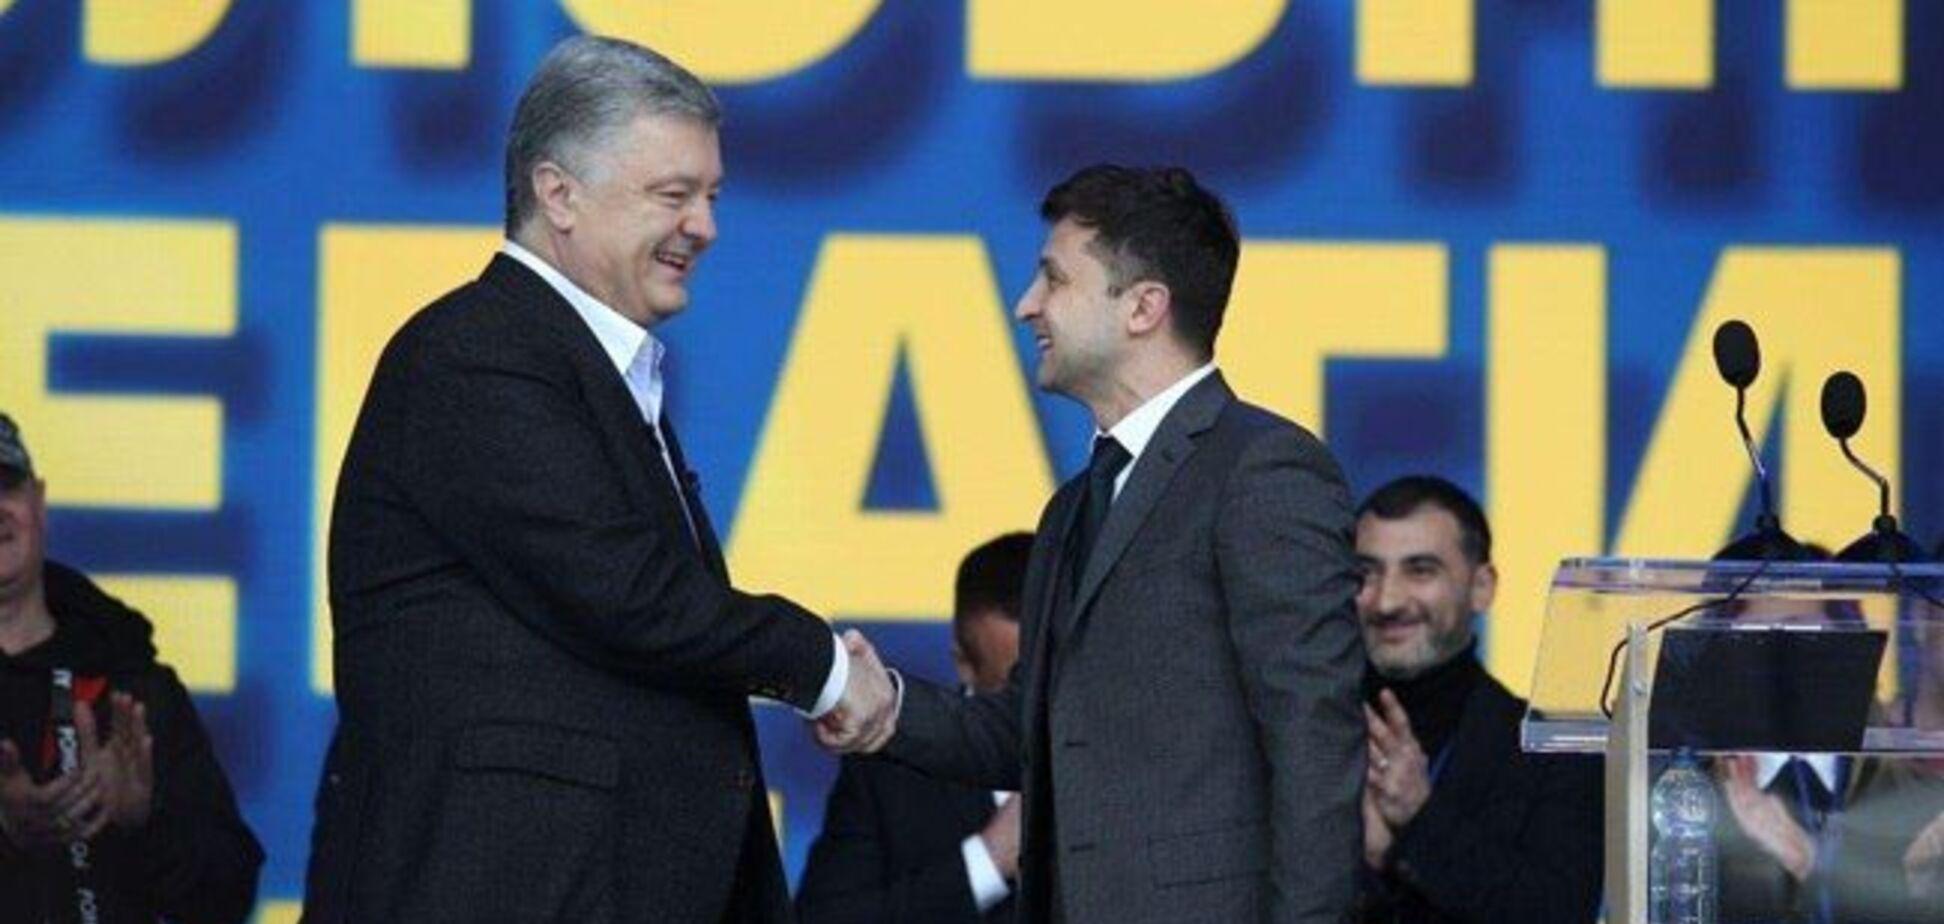 Порєбрік News: українські вибори спровокували криваву трагедію в Росії